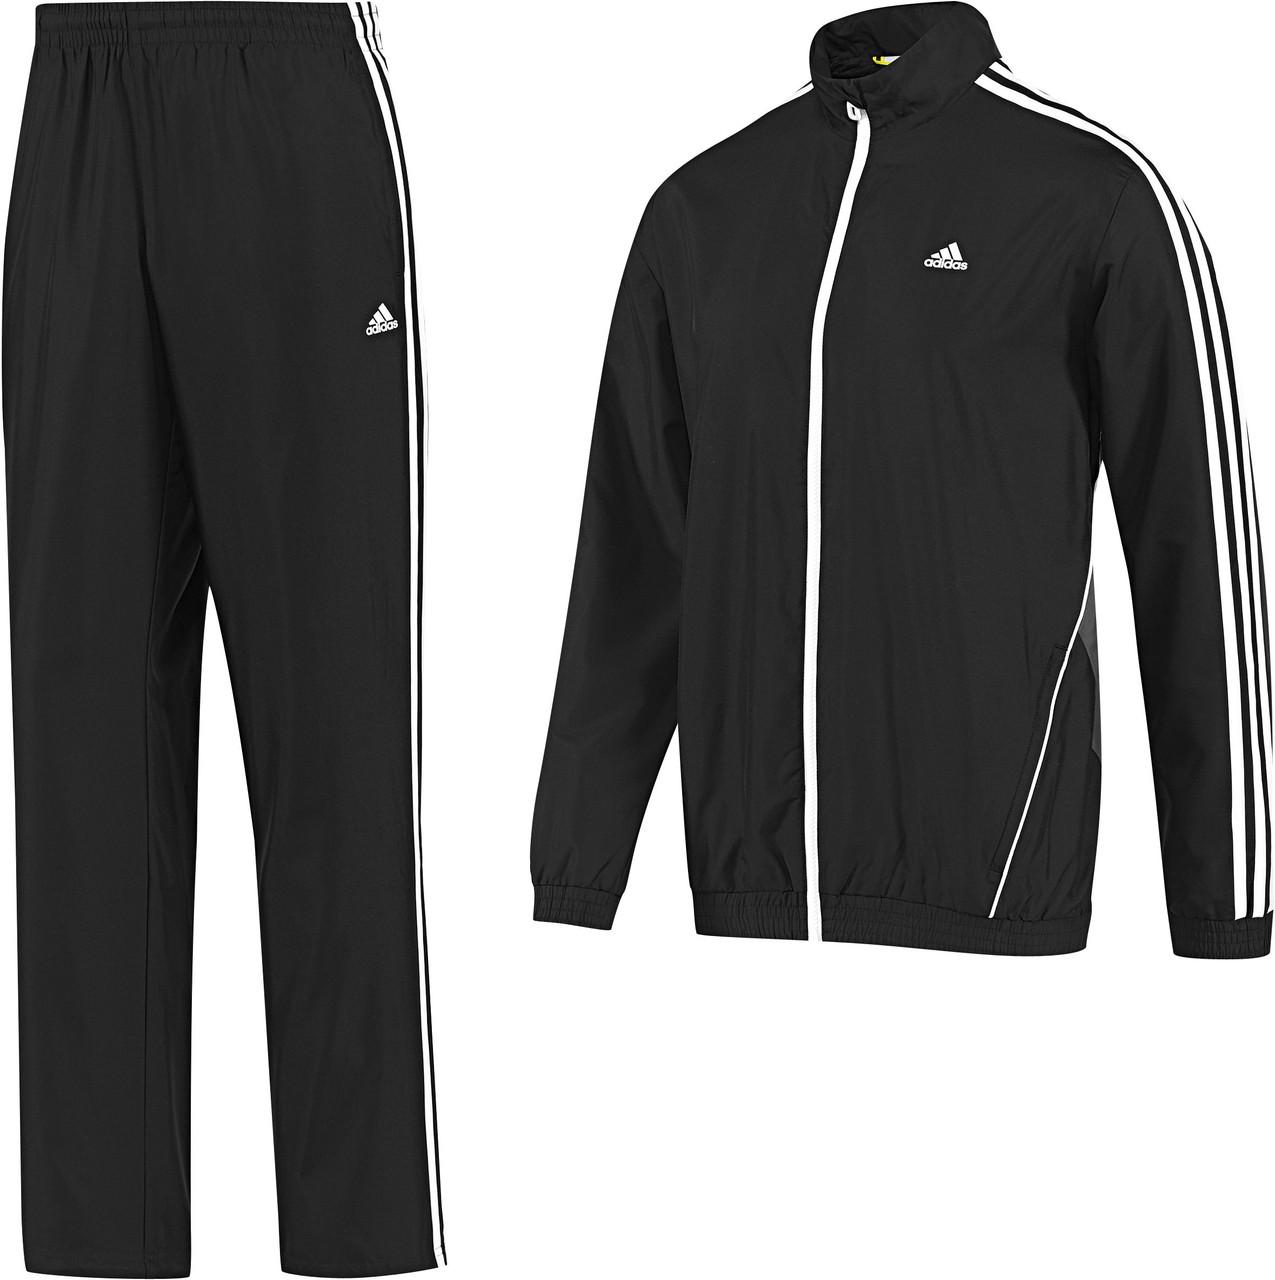 c4b8c6bf0cc8 Мужской спортивный костюм adidas z30454 - Интернет-магазин спортивной одежды  и обуви